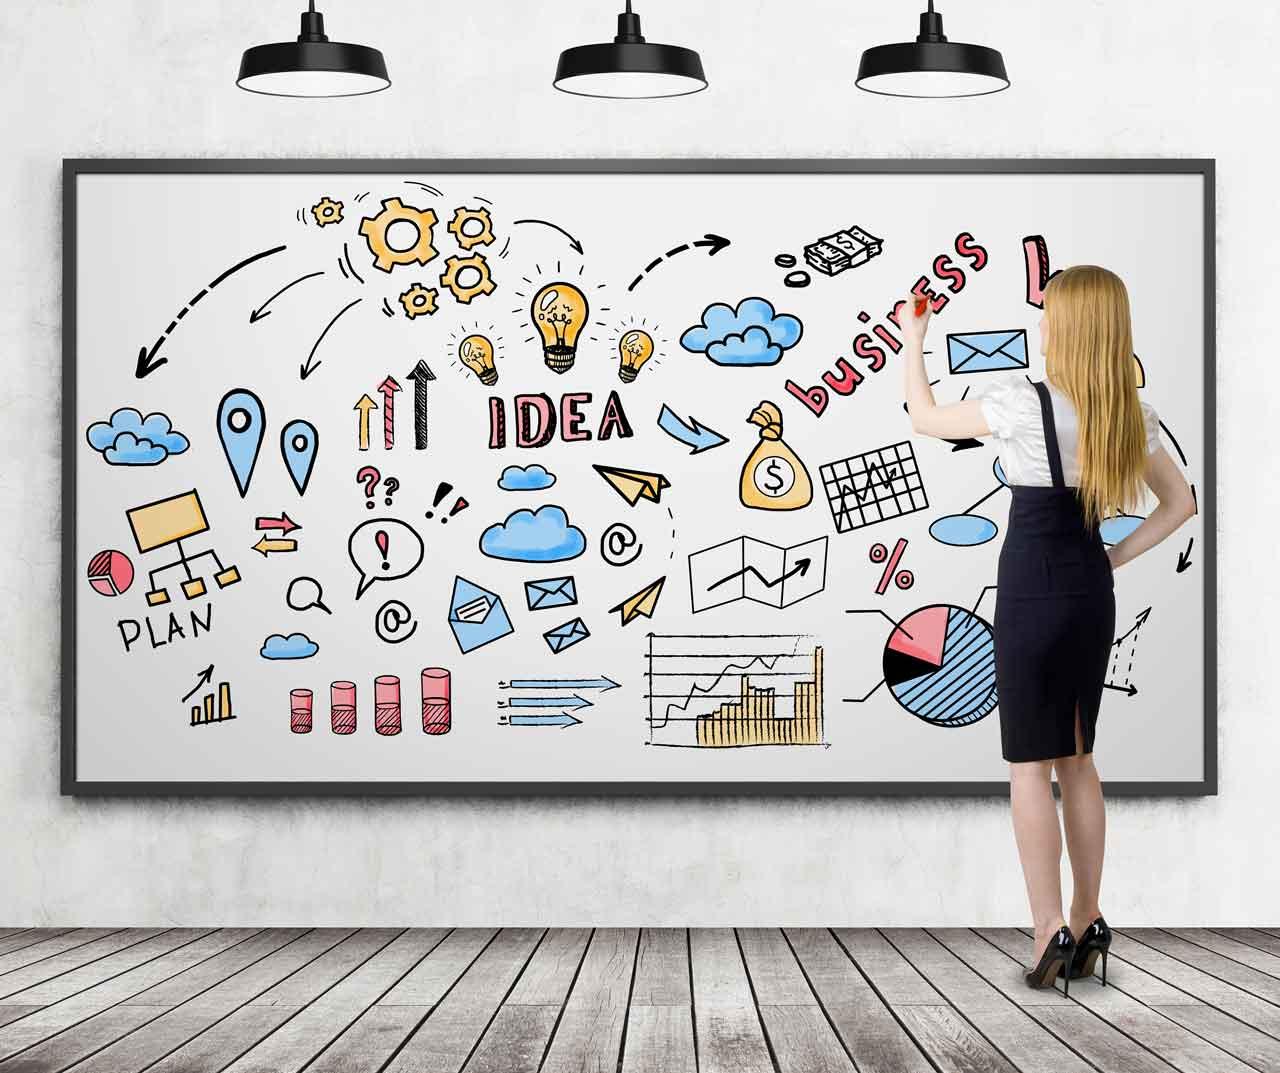 pourquoi avoir un site internet : une jeune femme blonde dessine des icons relatifs au business. Image pour l'article : pourquoi avoir un site internet du site Jdesign.fr